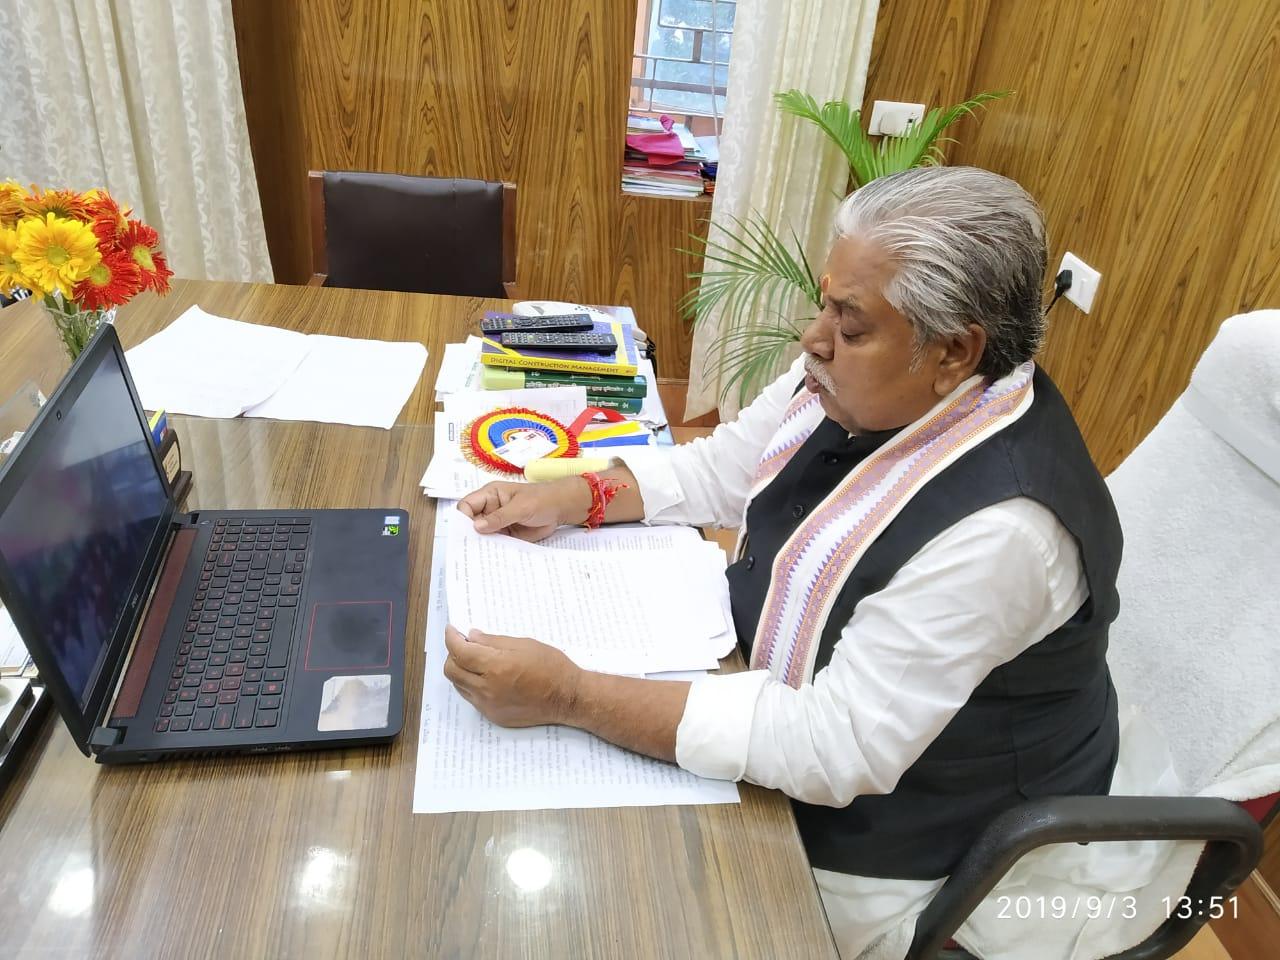 कृषि मंत्री डॉ प्रेम कुमार ने जल सरंक्षण परियोजना की शुरुआत की - Swatva  Samachar